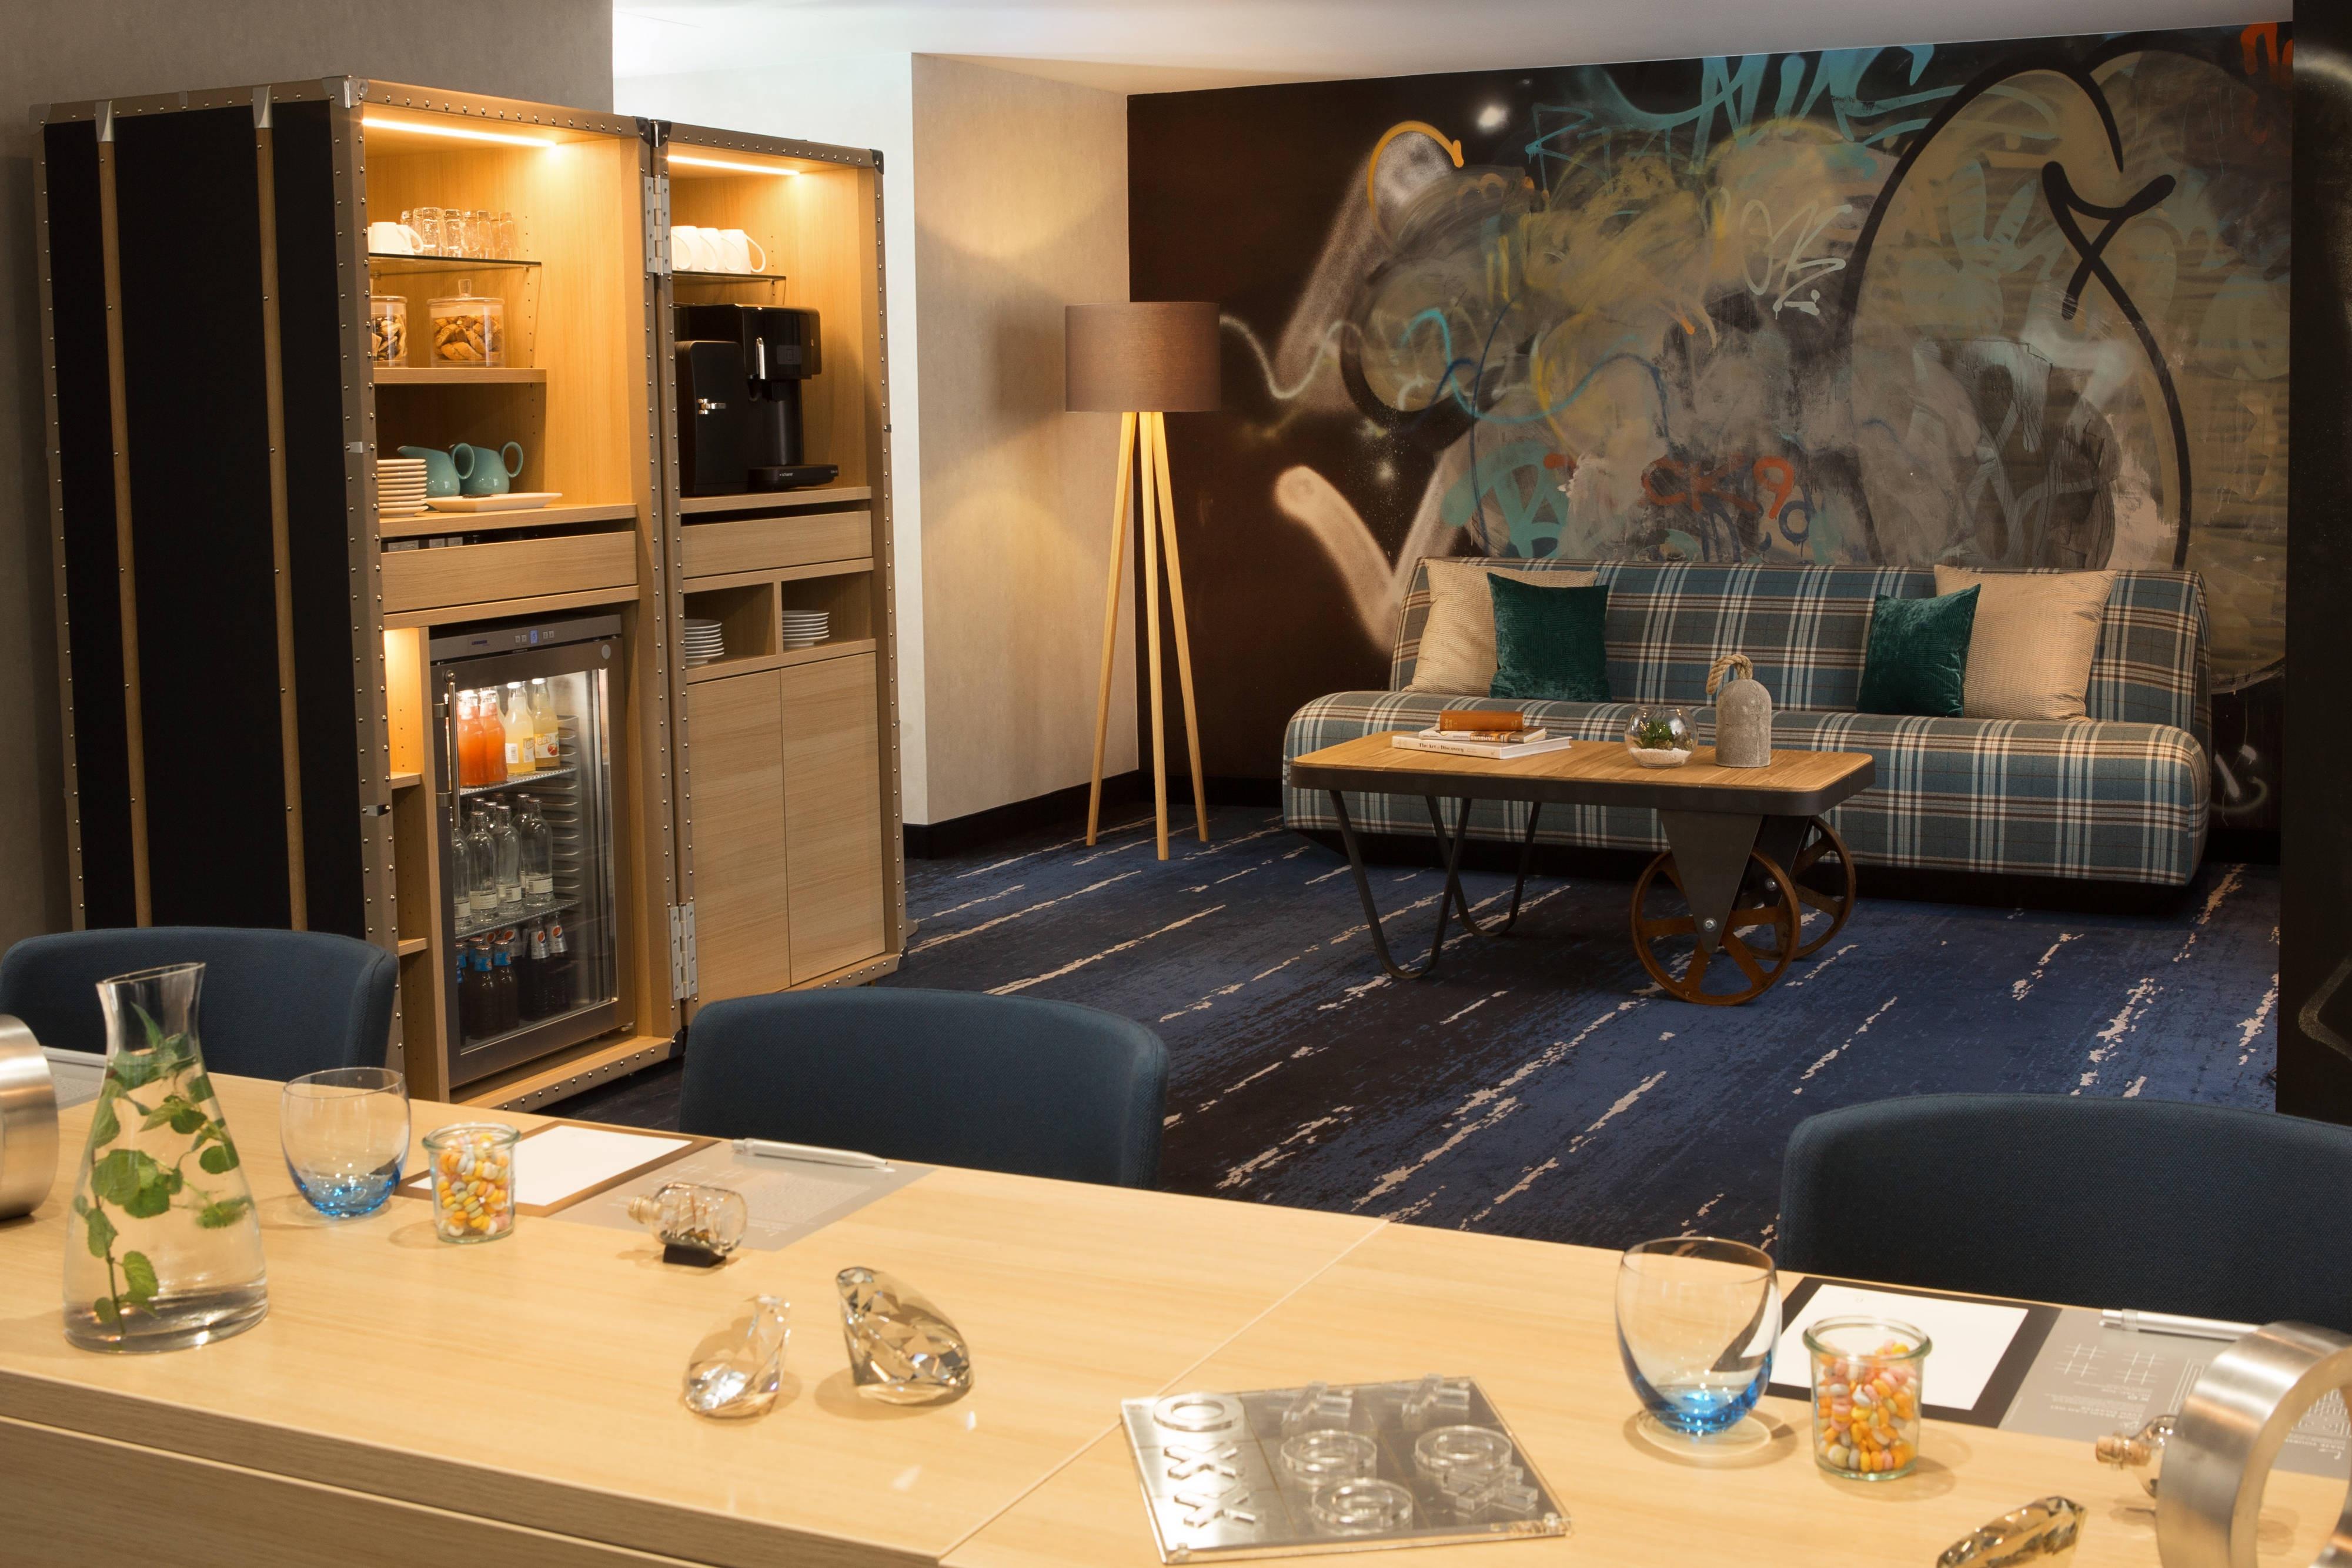 Einzigartige Veranstaltungsfläche in Hotel in Hamburg